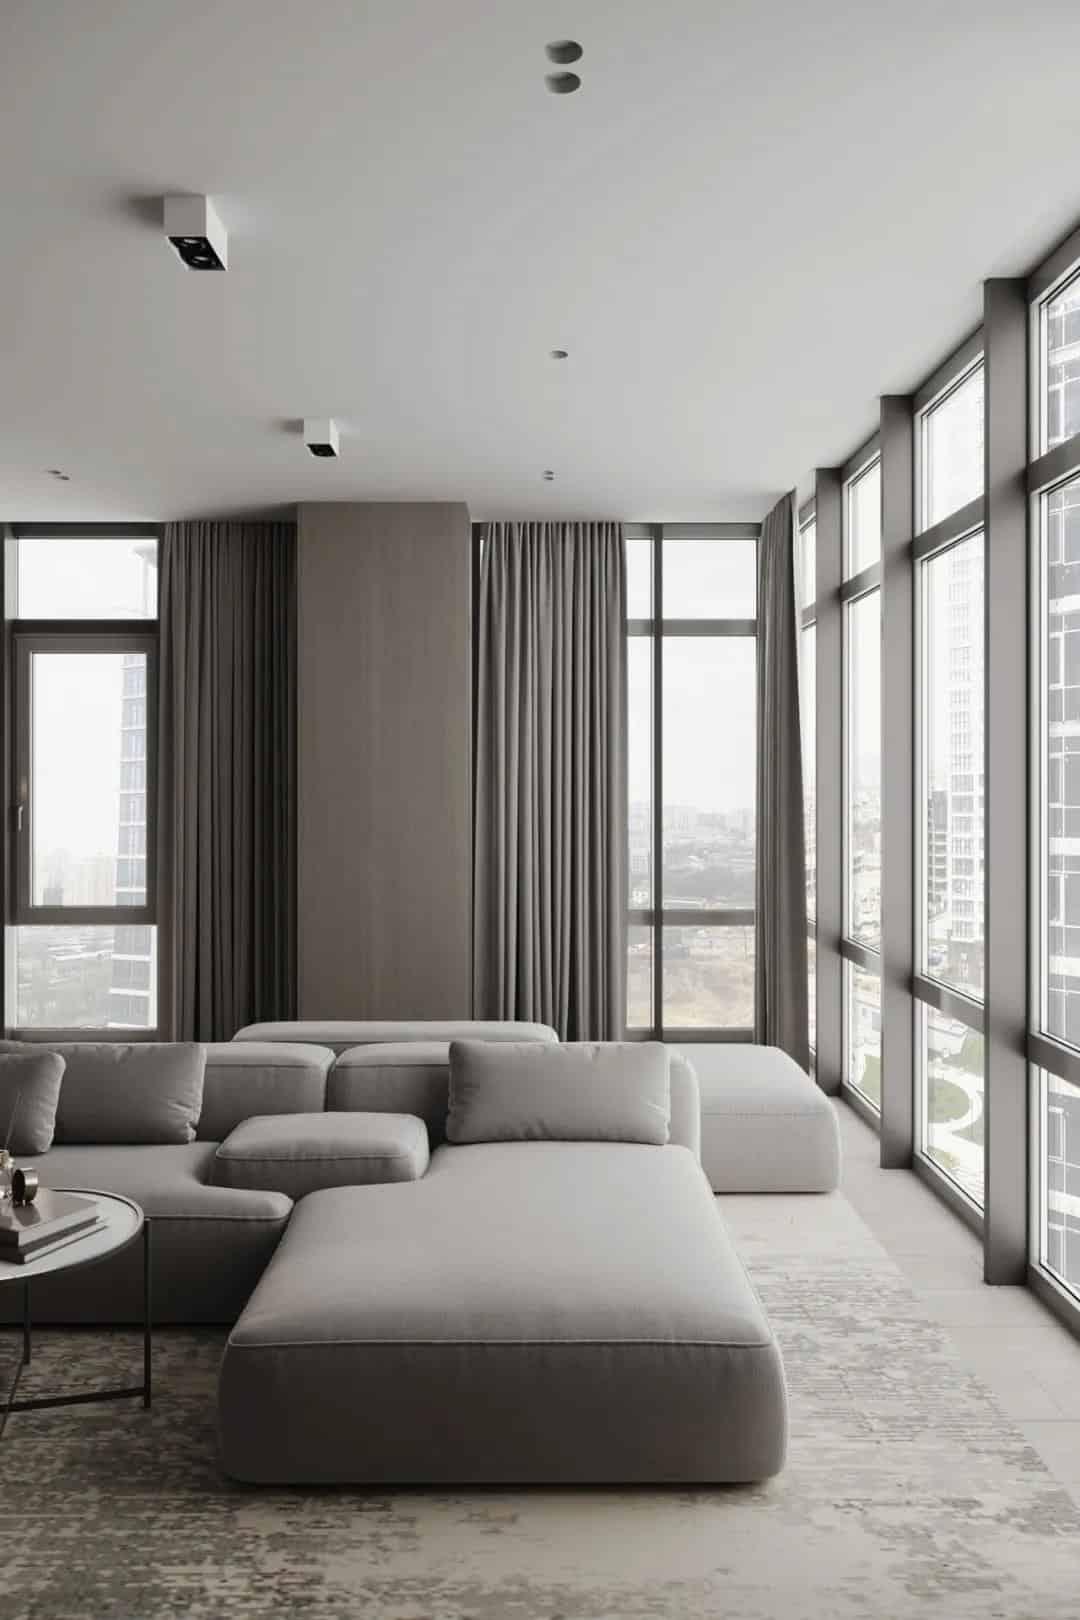 亞麻+淡褐色,細膩優雅的現代公寓室內設計!